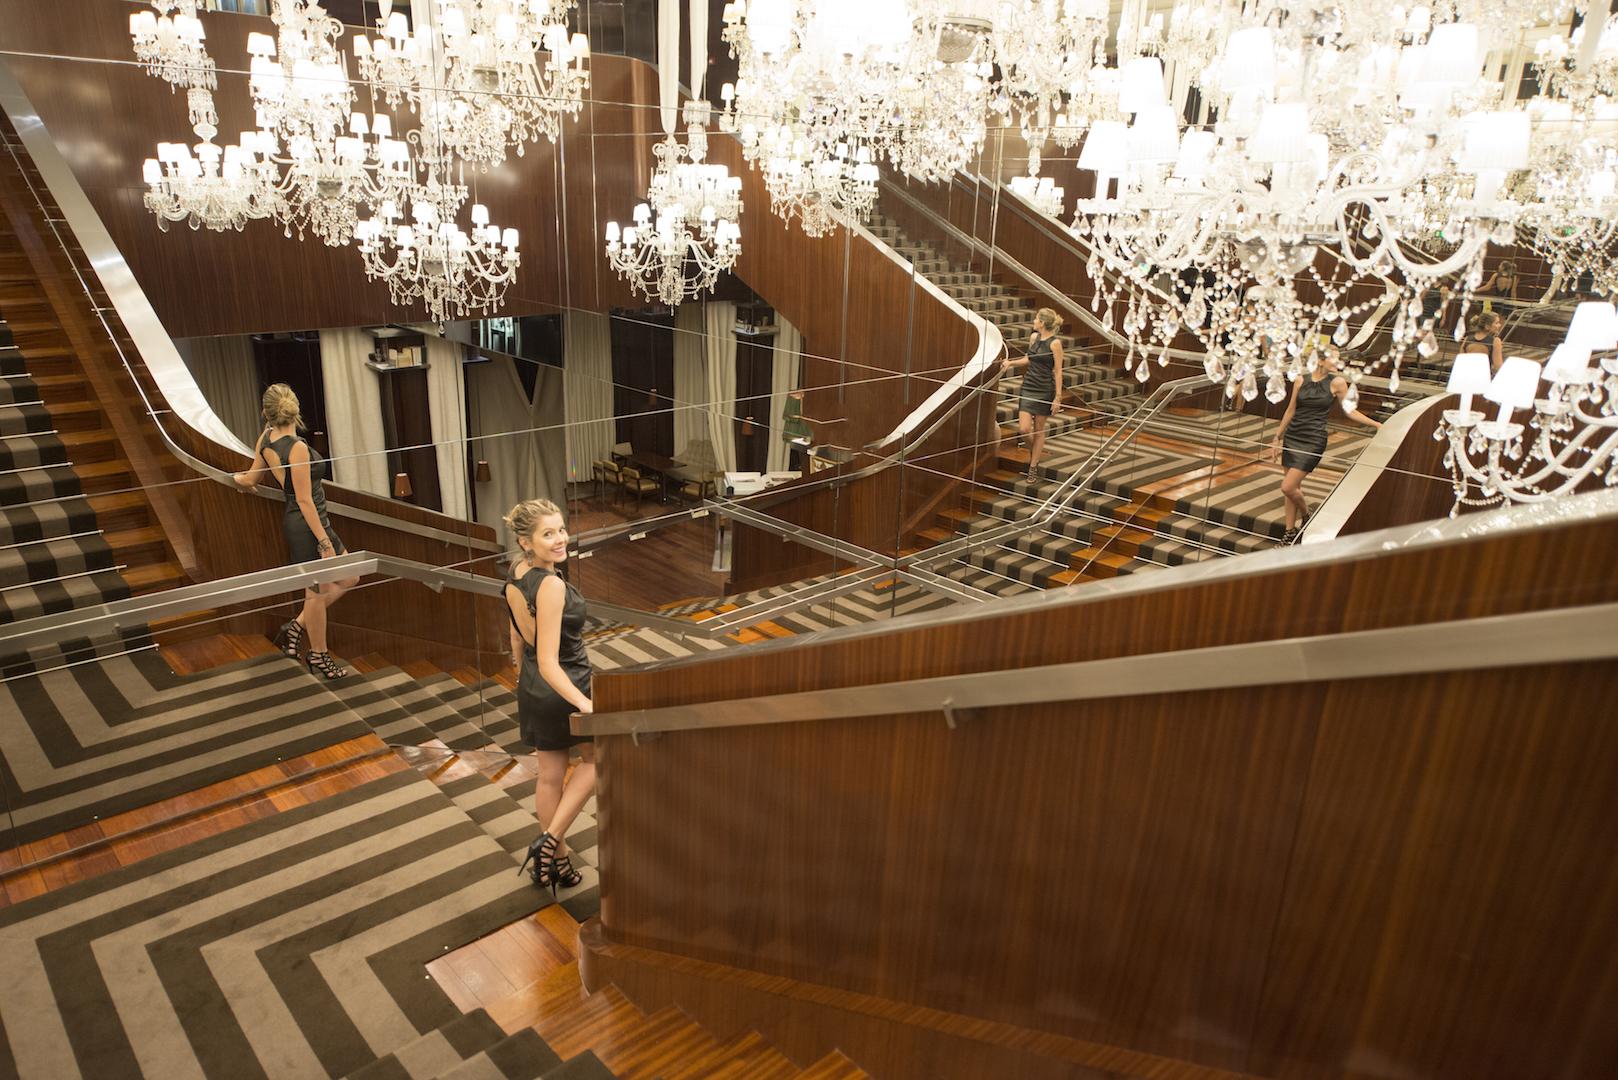 Hotel de luxo em Paris, Royal Monceau - Hospedagem de luxo em Paris